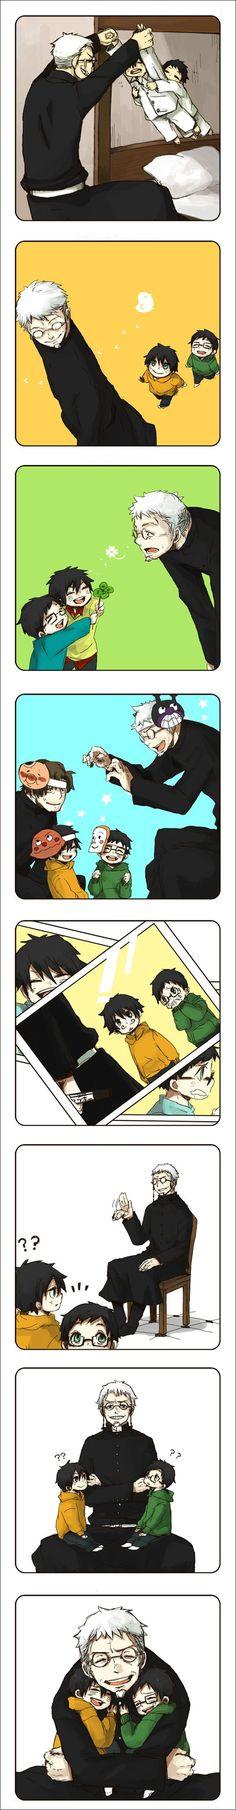 Ao No Exorcist - Shiro, Rin and Yukio